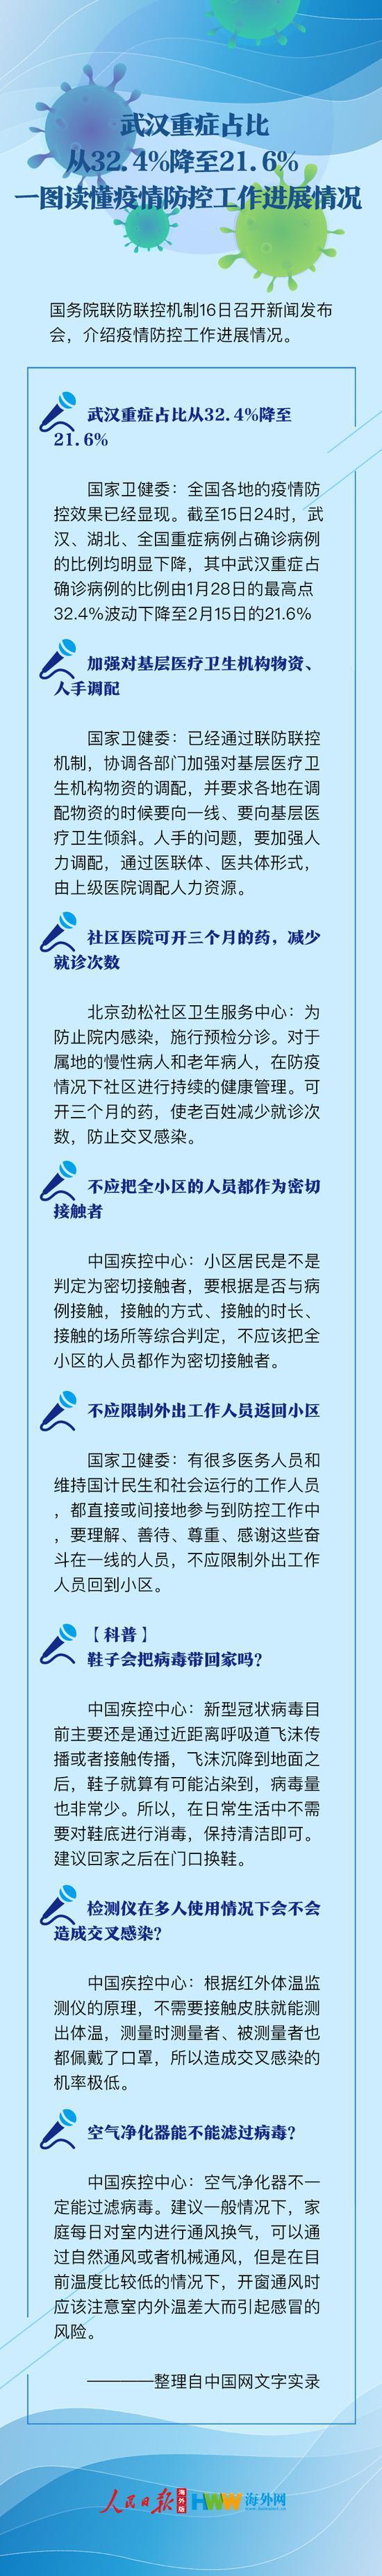 武汉重症占比从32.4%降至21.6% 一图读懂疫情防控工作进展图片